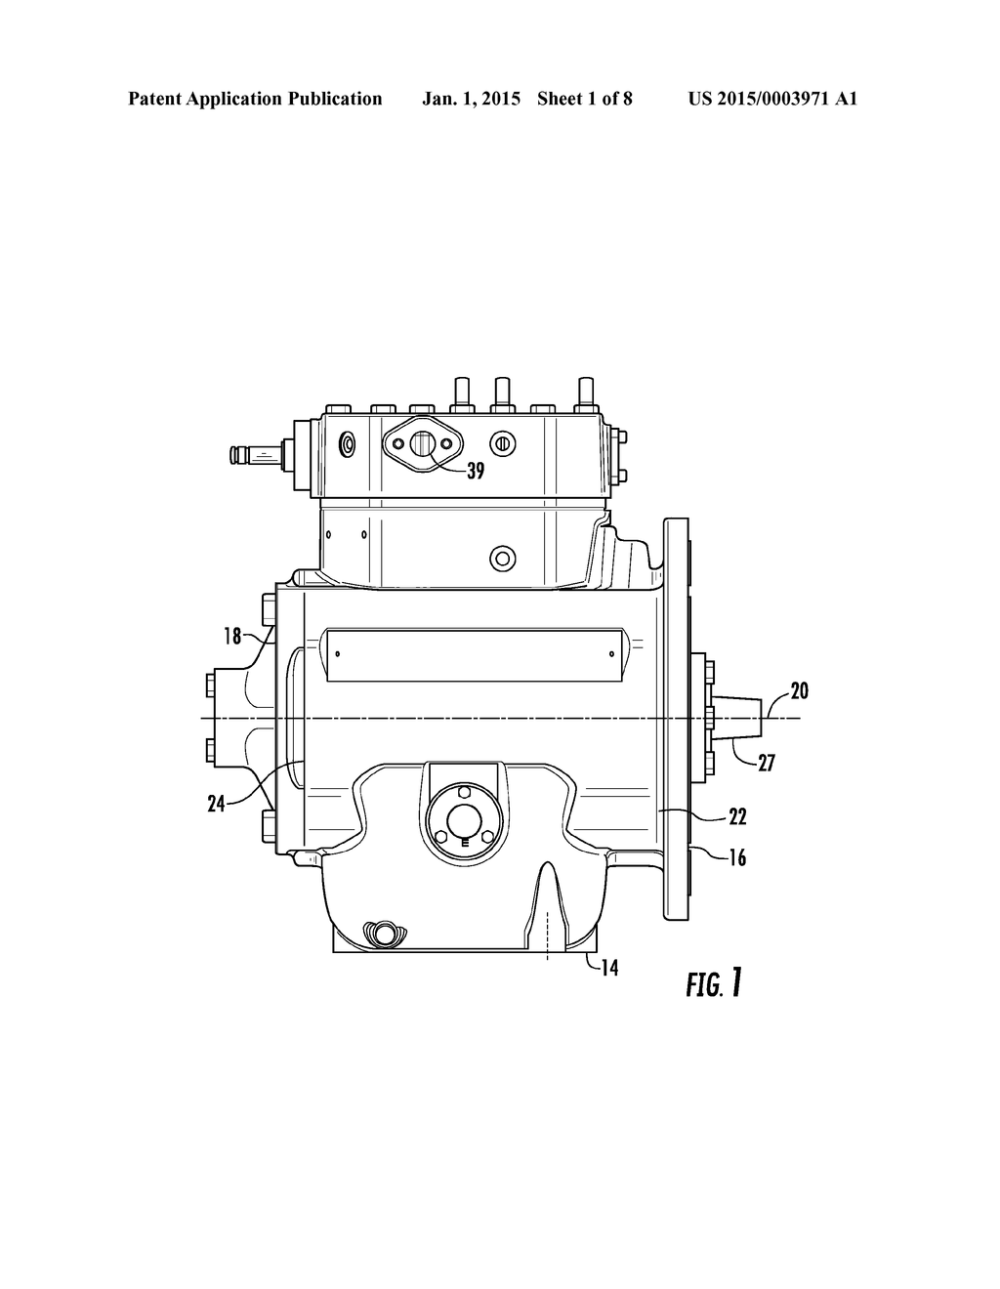 medium resolution of semi hermetic compressor diagram wiring diagram schematics rh ksefanzone com copeland semi hermetic compressor wiring diagram